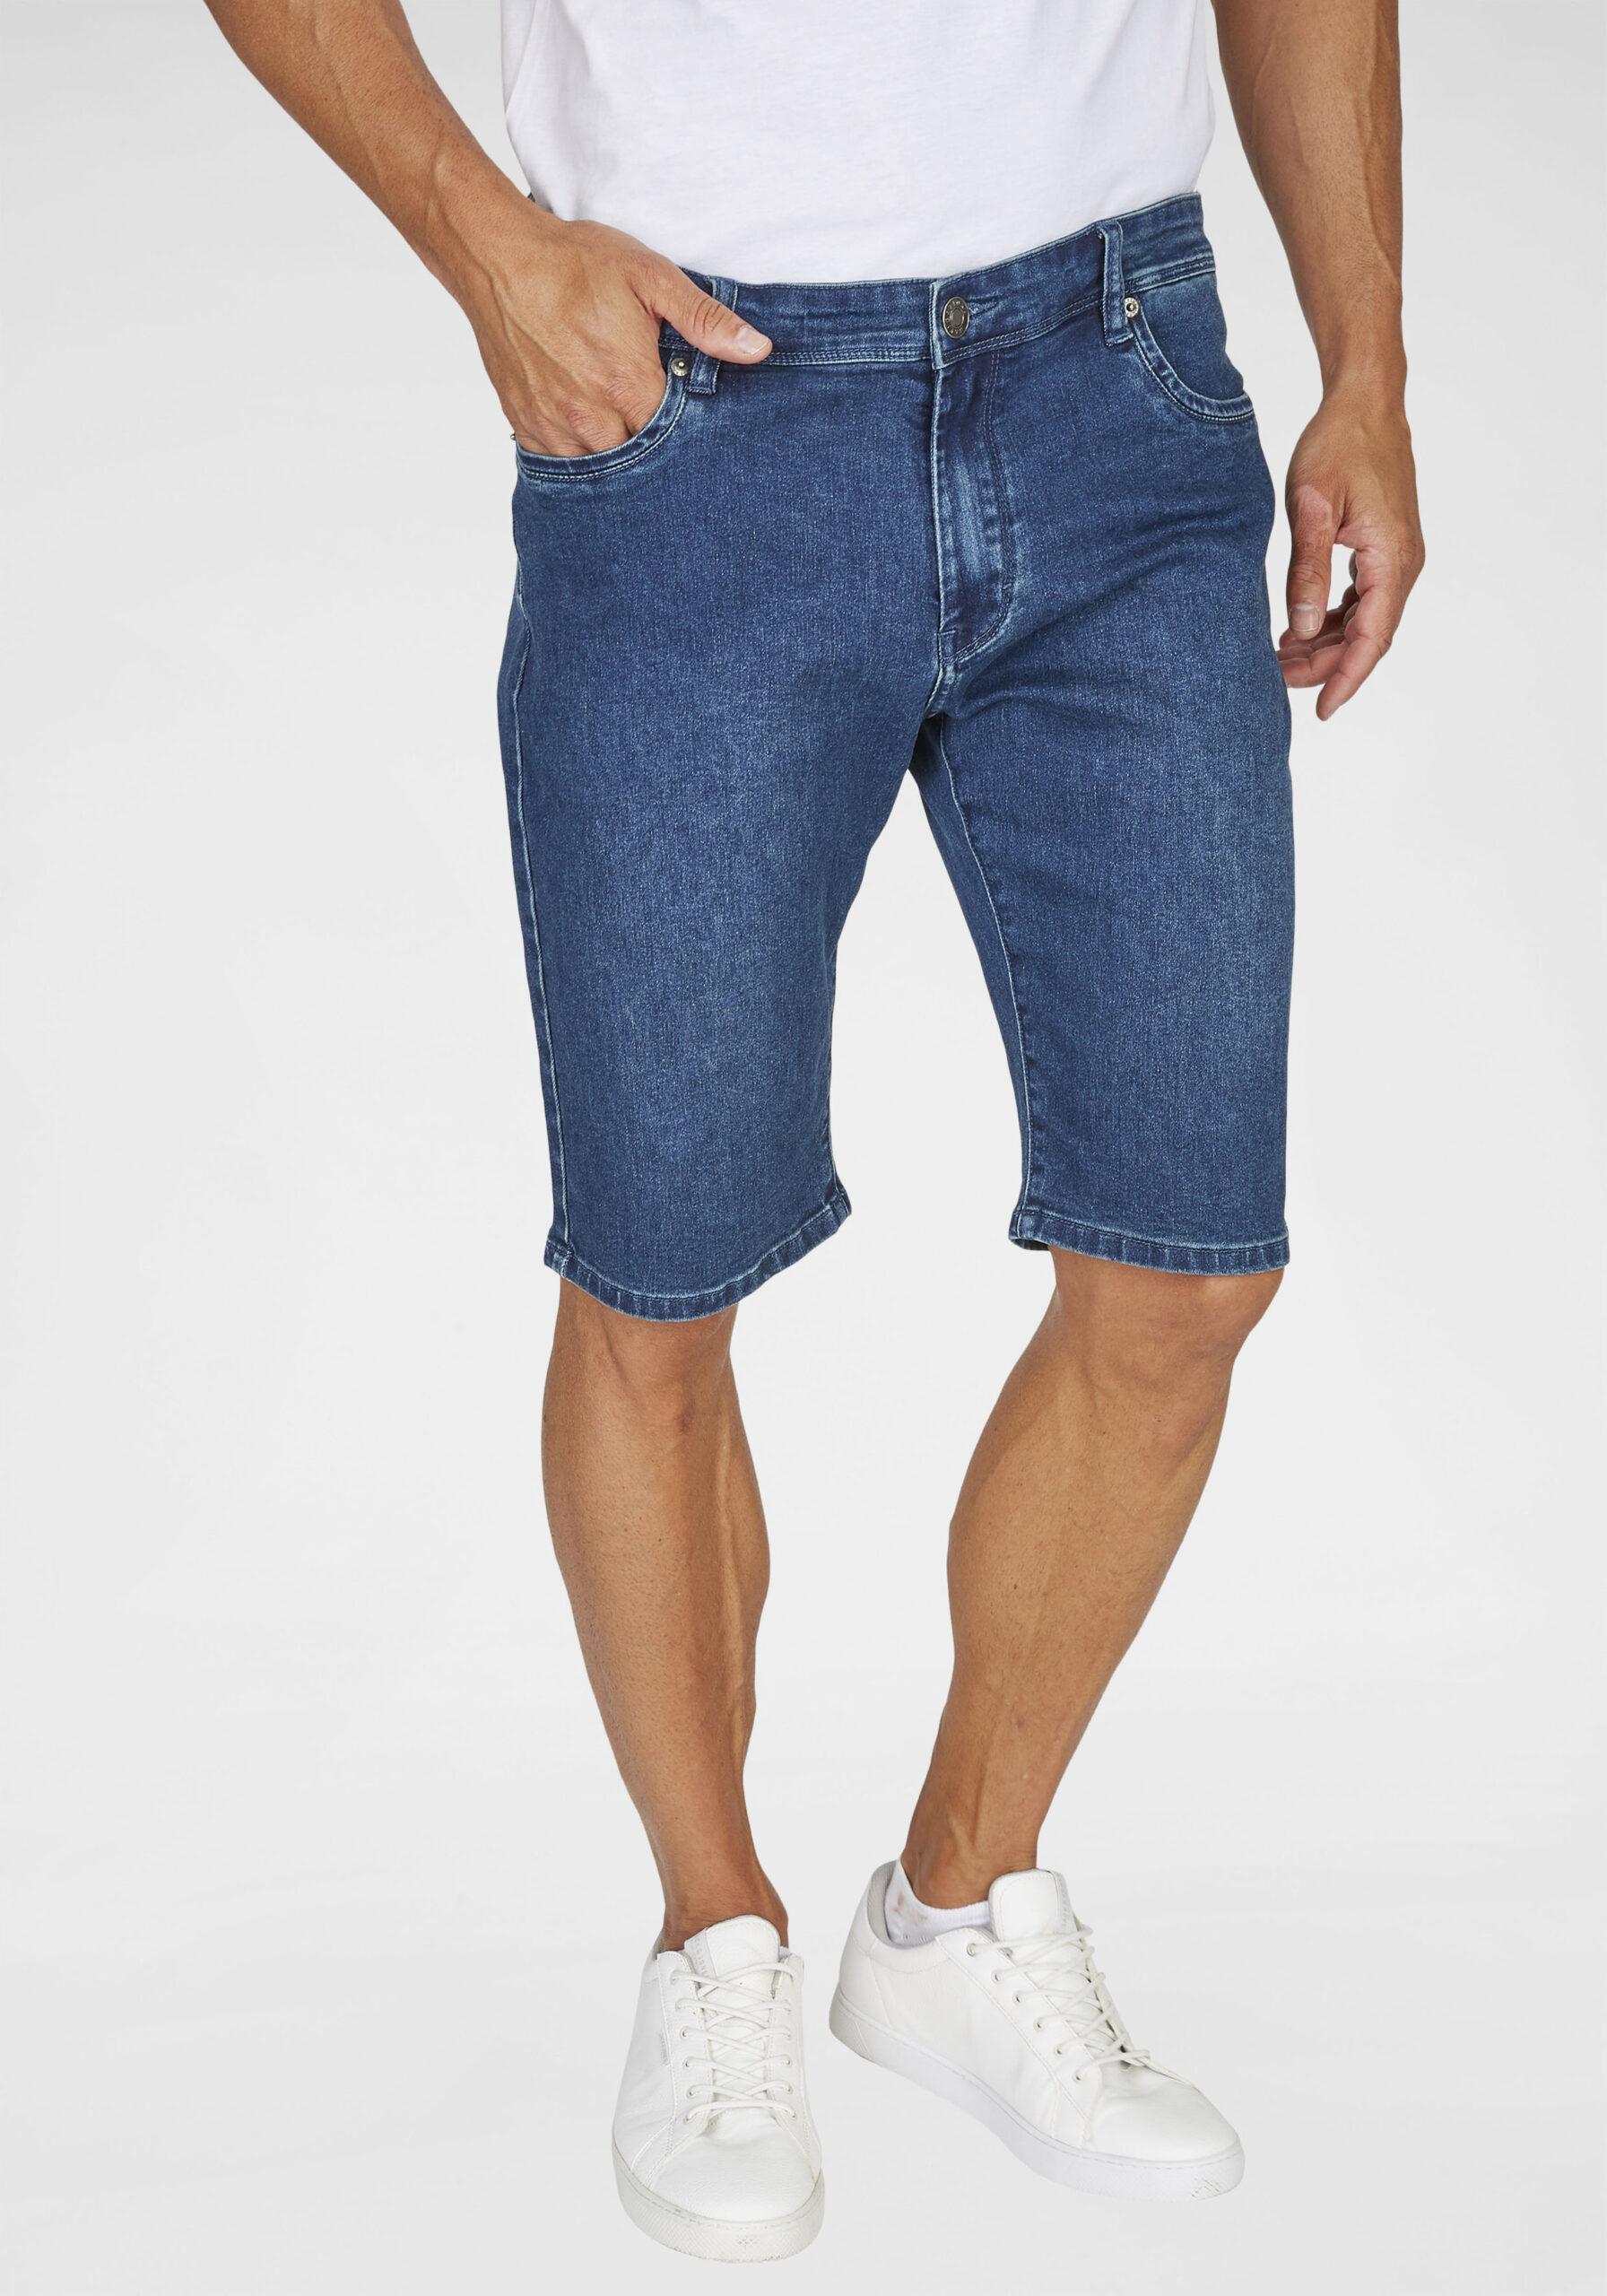 Herren Jeans Shorts dunkelblau